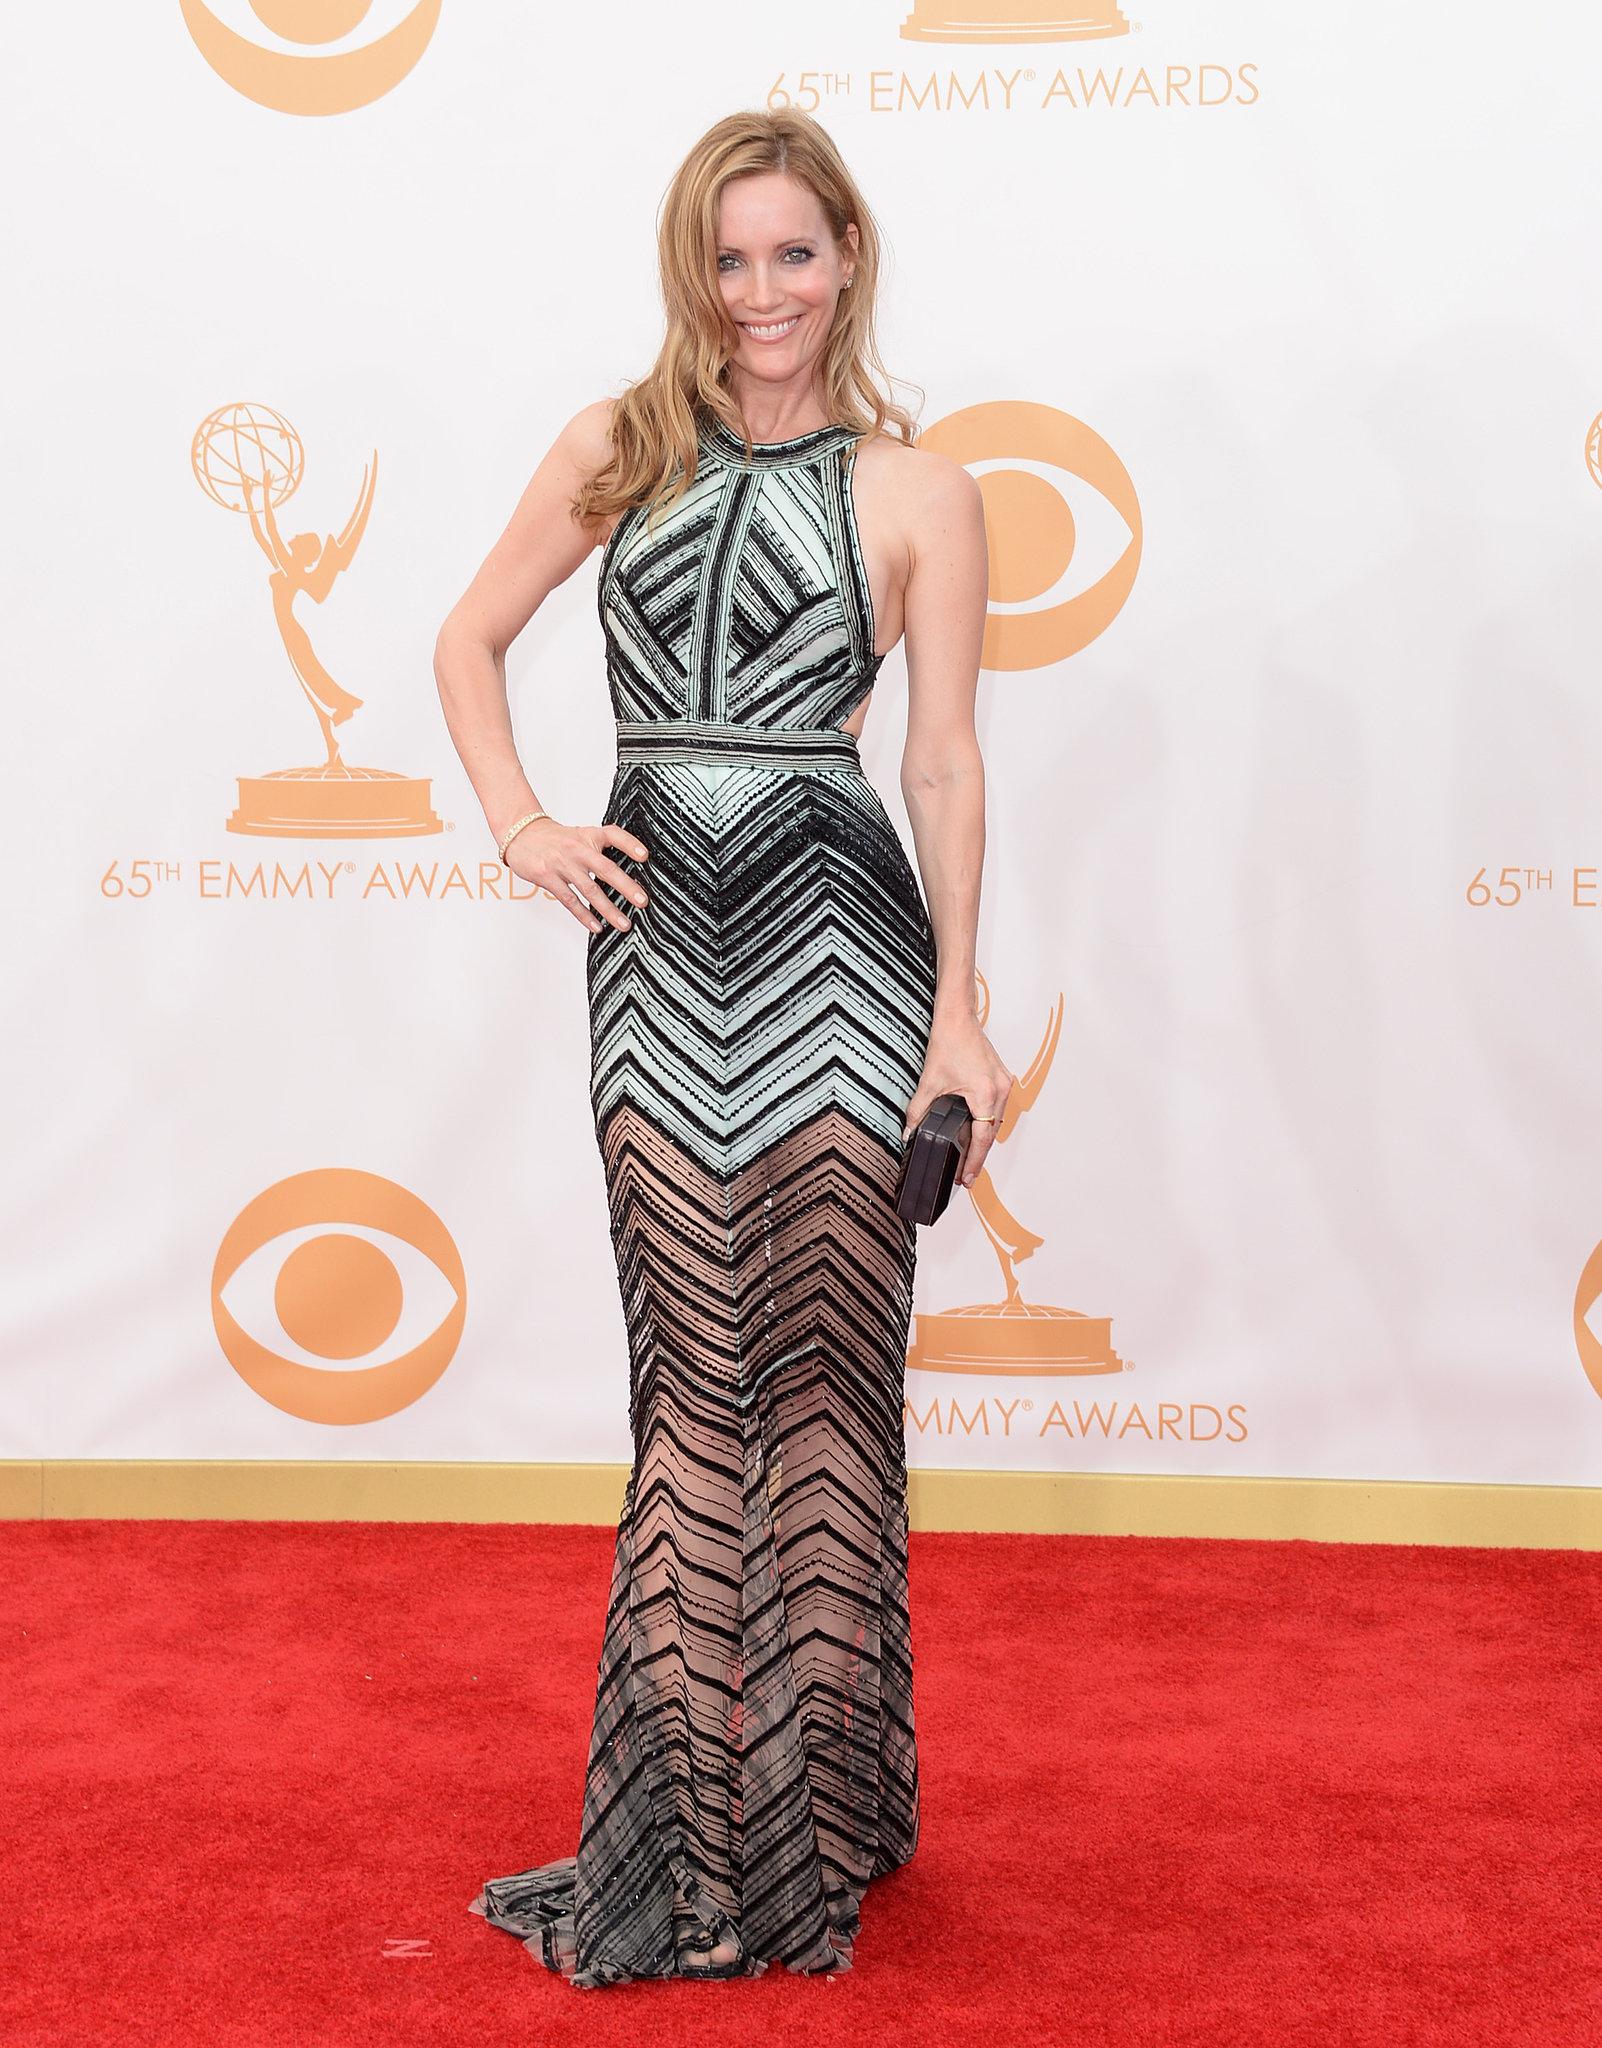 Leslie Mann struck a pose on the Emmys red carpet.